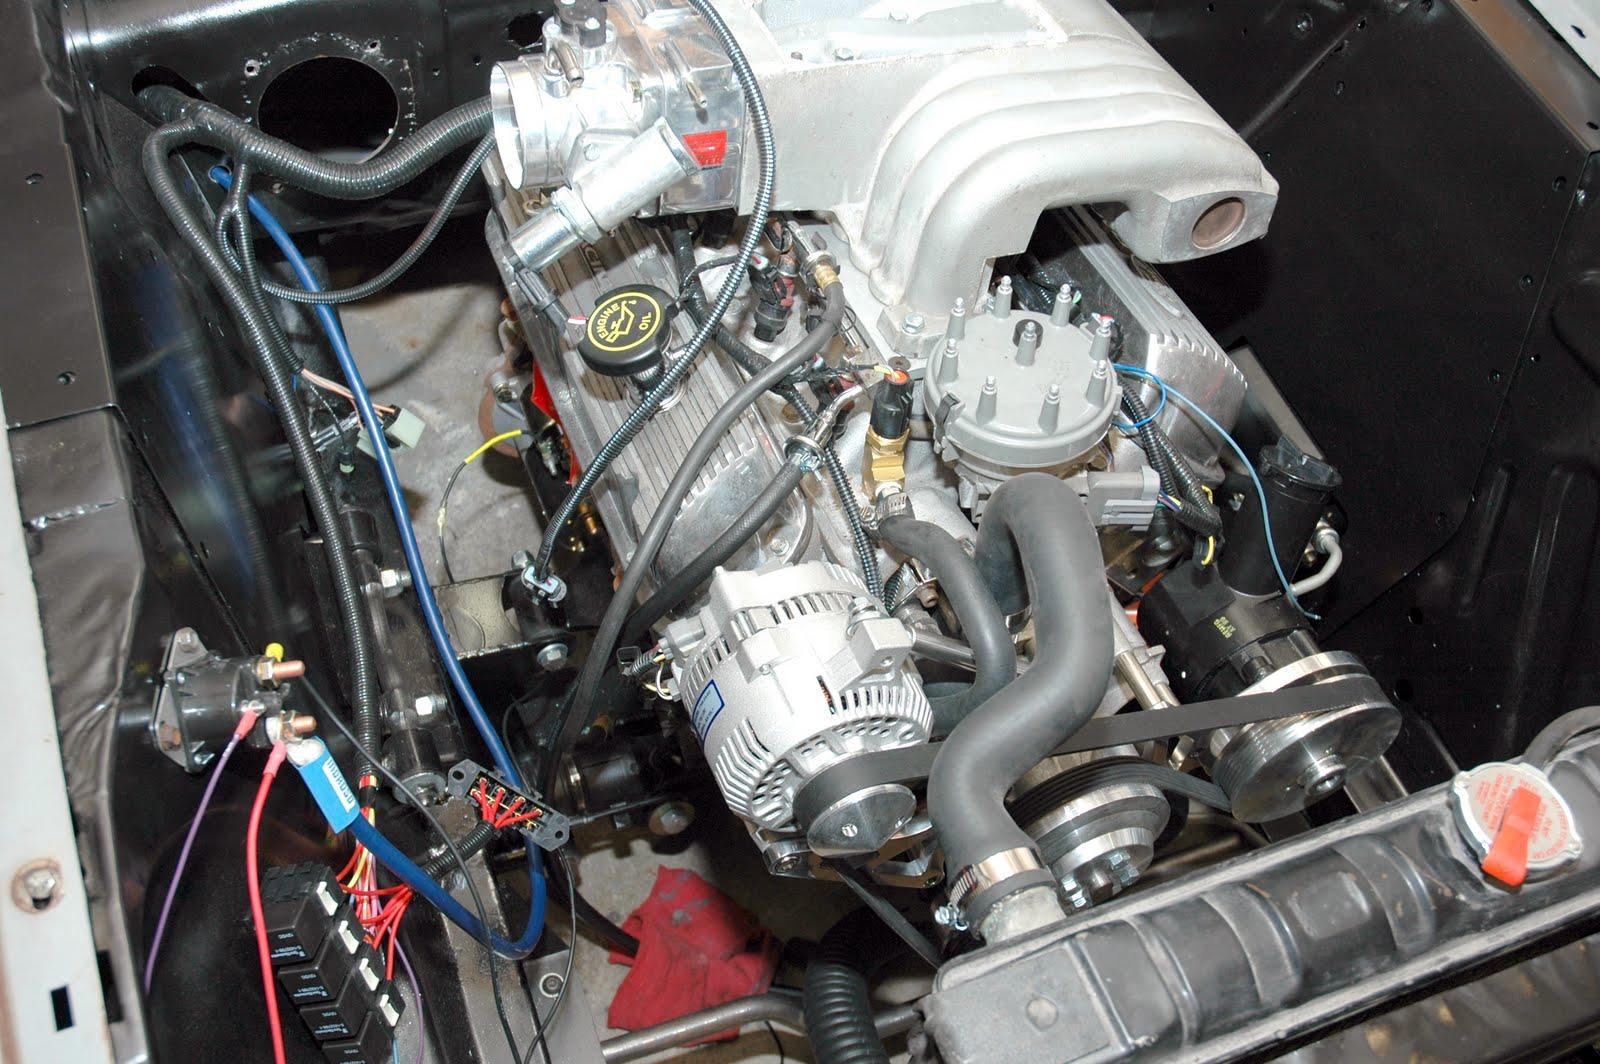 medium resolution of 65 mustang fuel filter location wiring library65 mustang fuel filter location